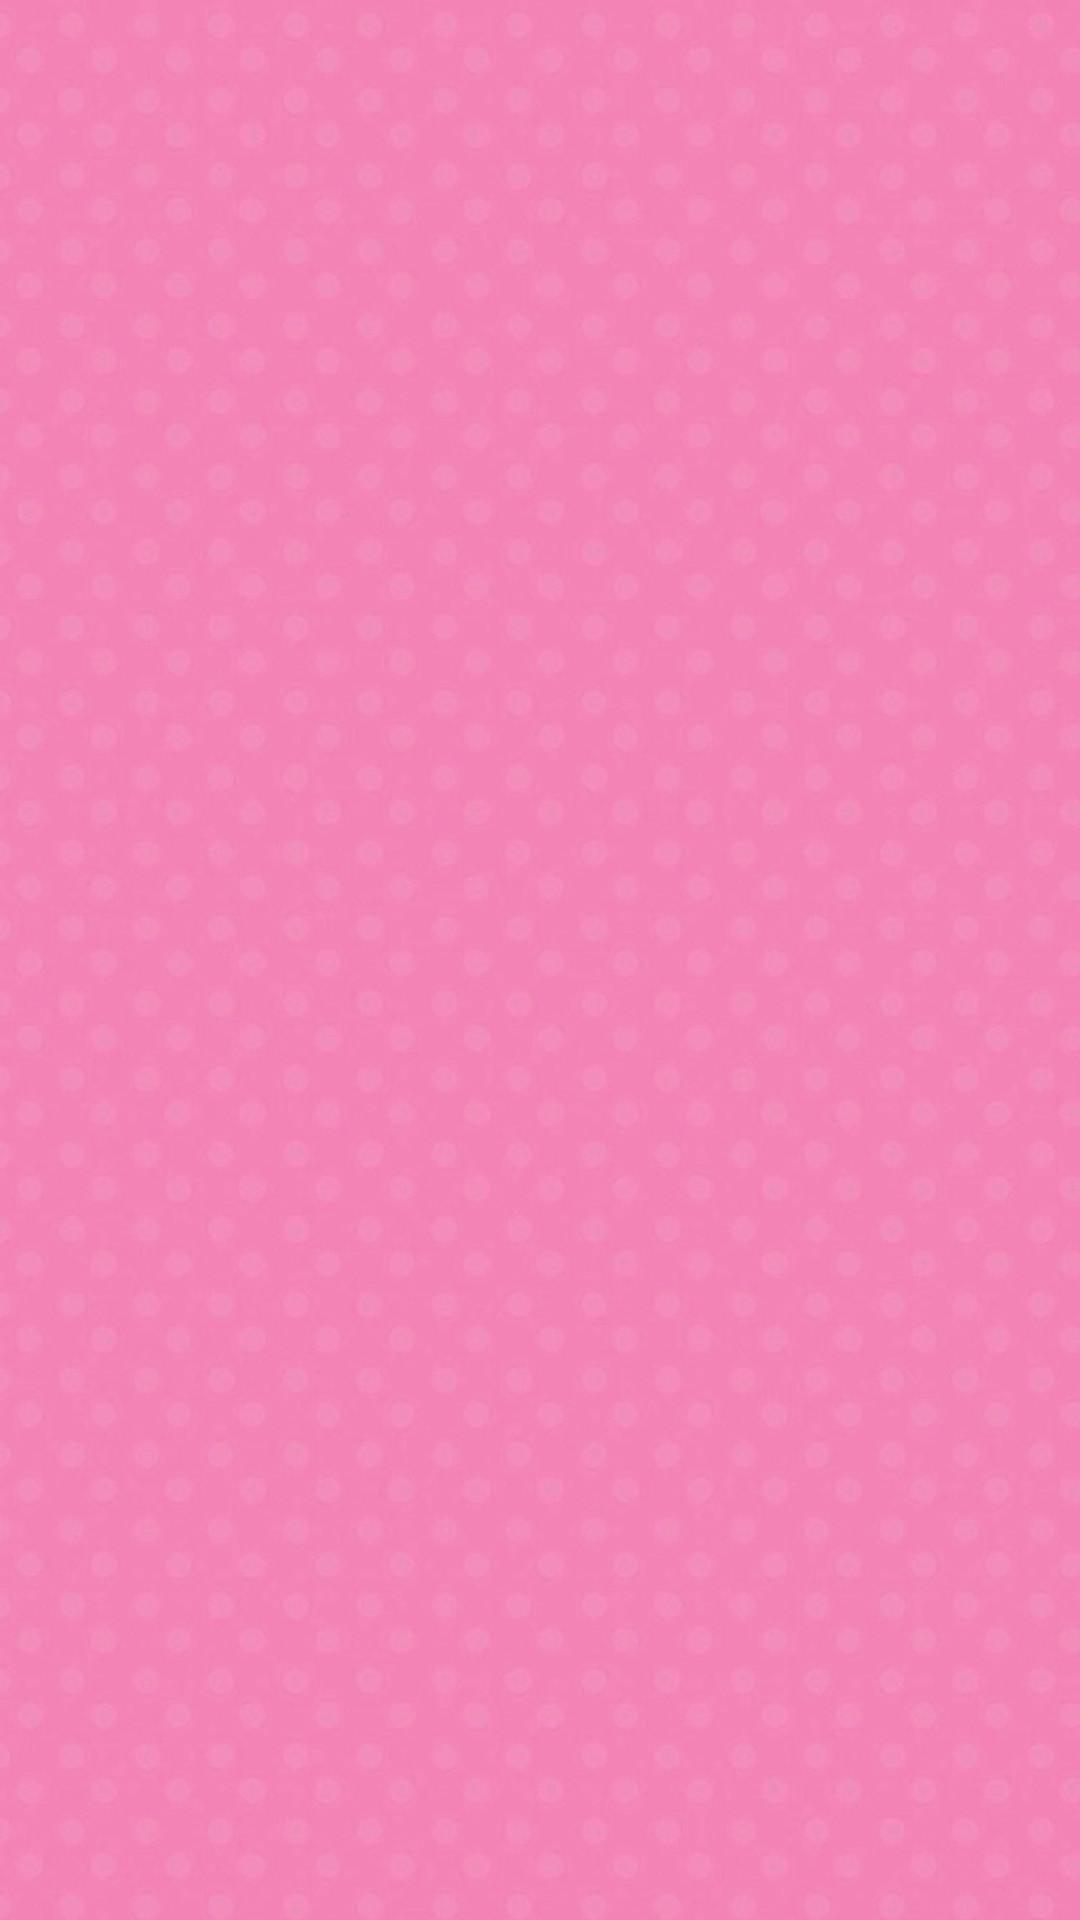 … iPhone 7 Plus ( 1080×1920 )